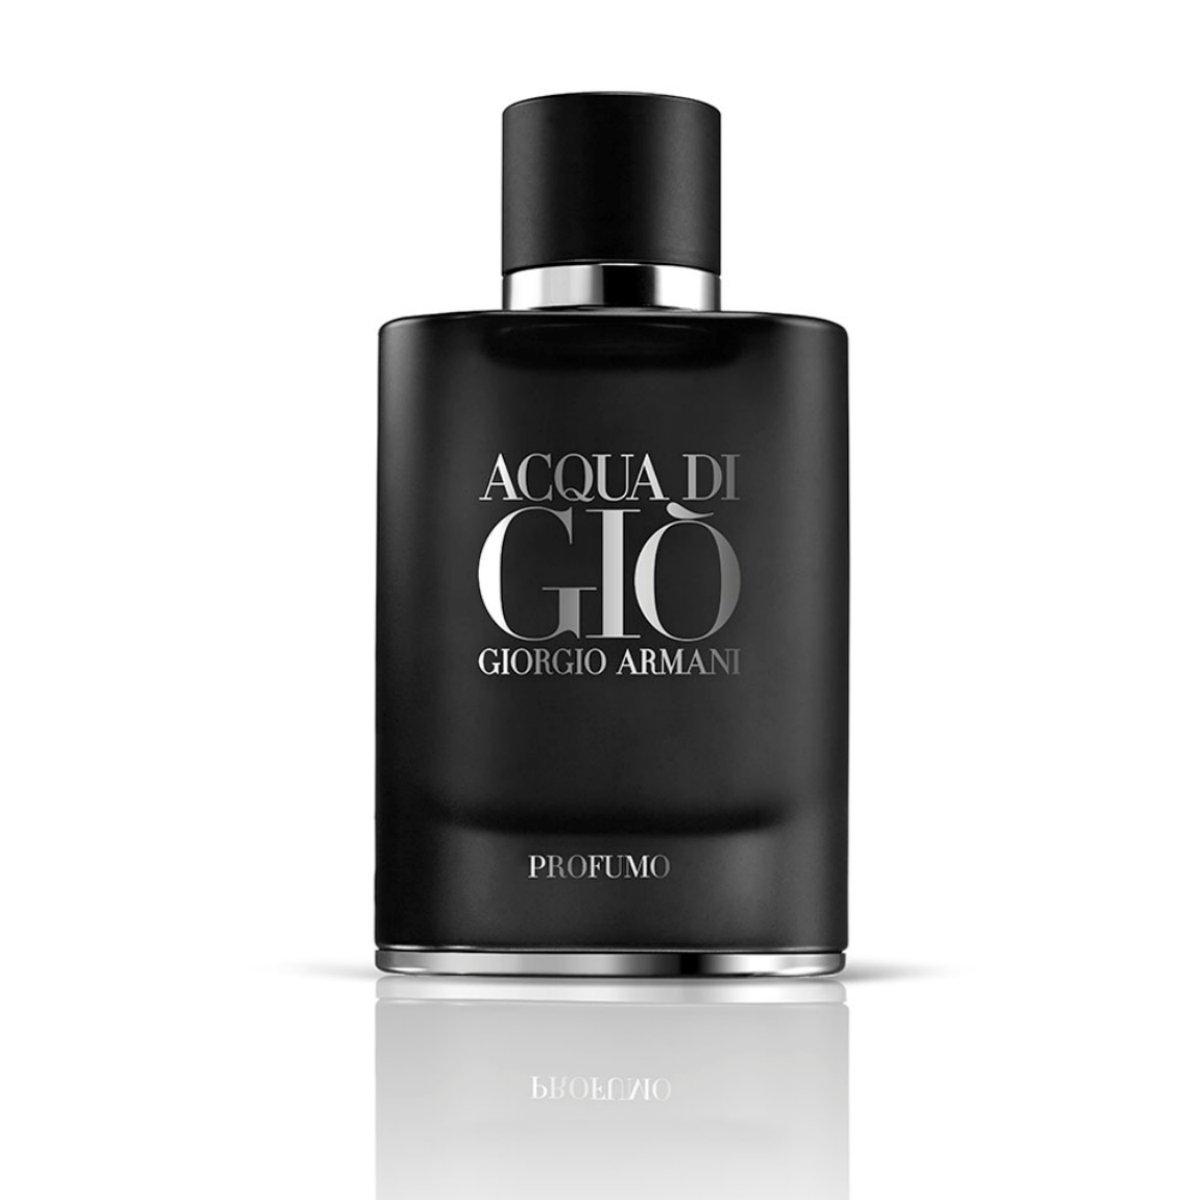 Giorgio Armani Acqua Di Gio Eau de Toilette 75ml